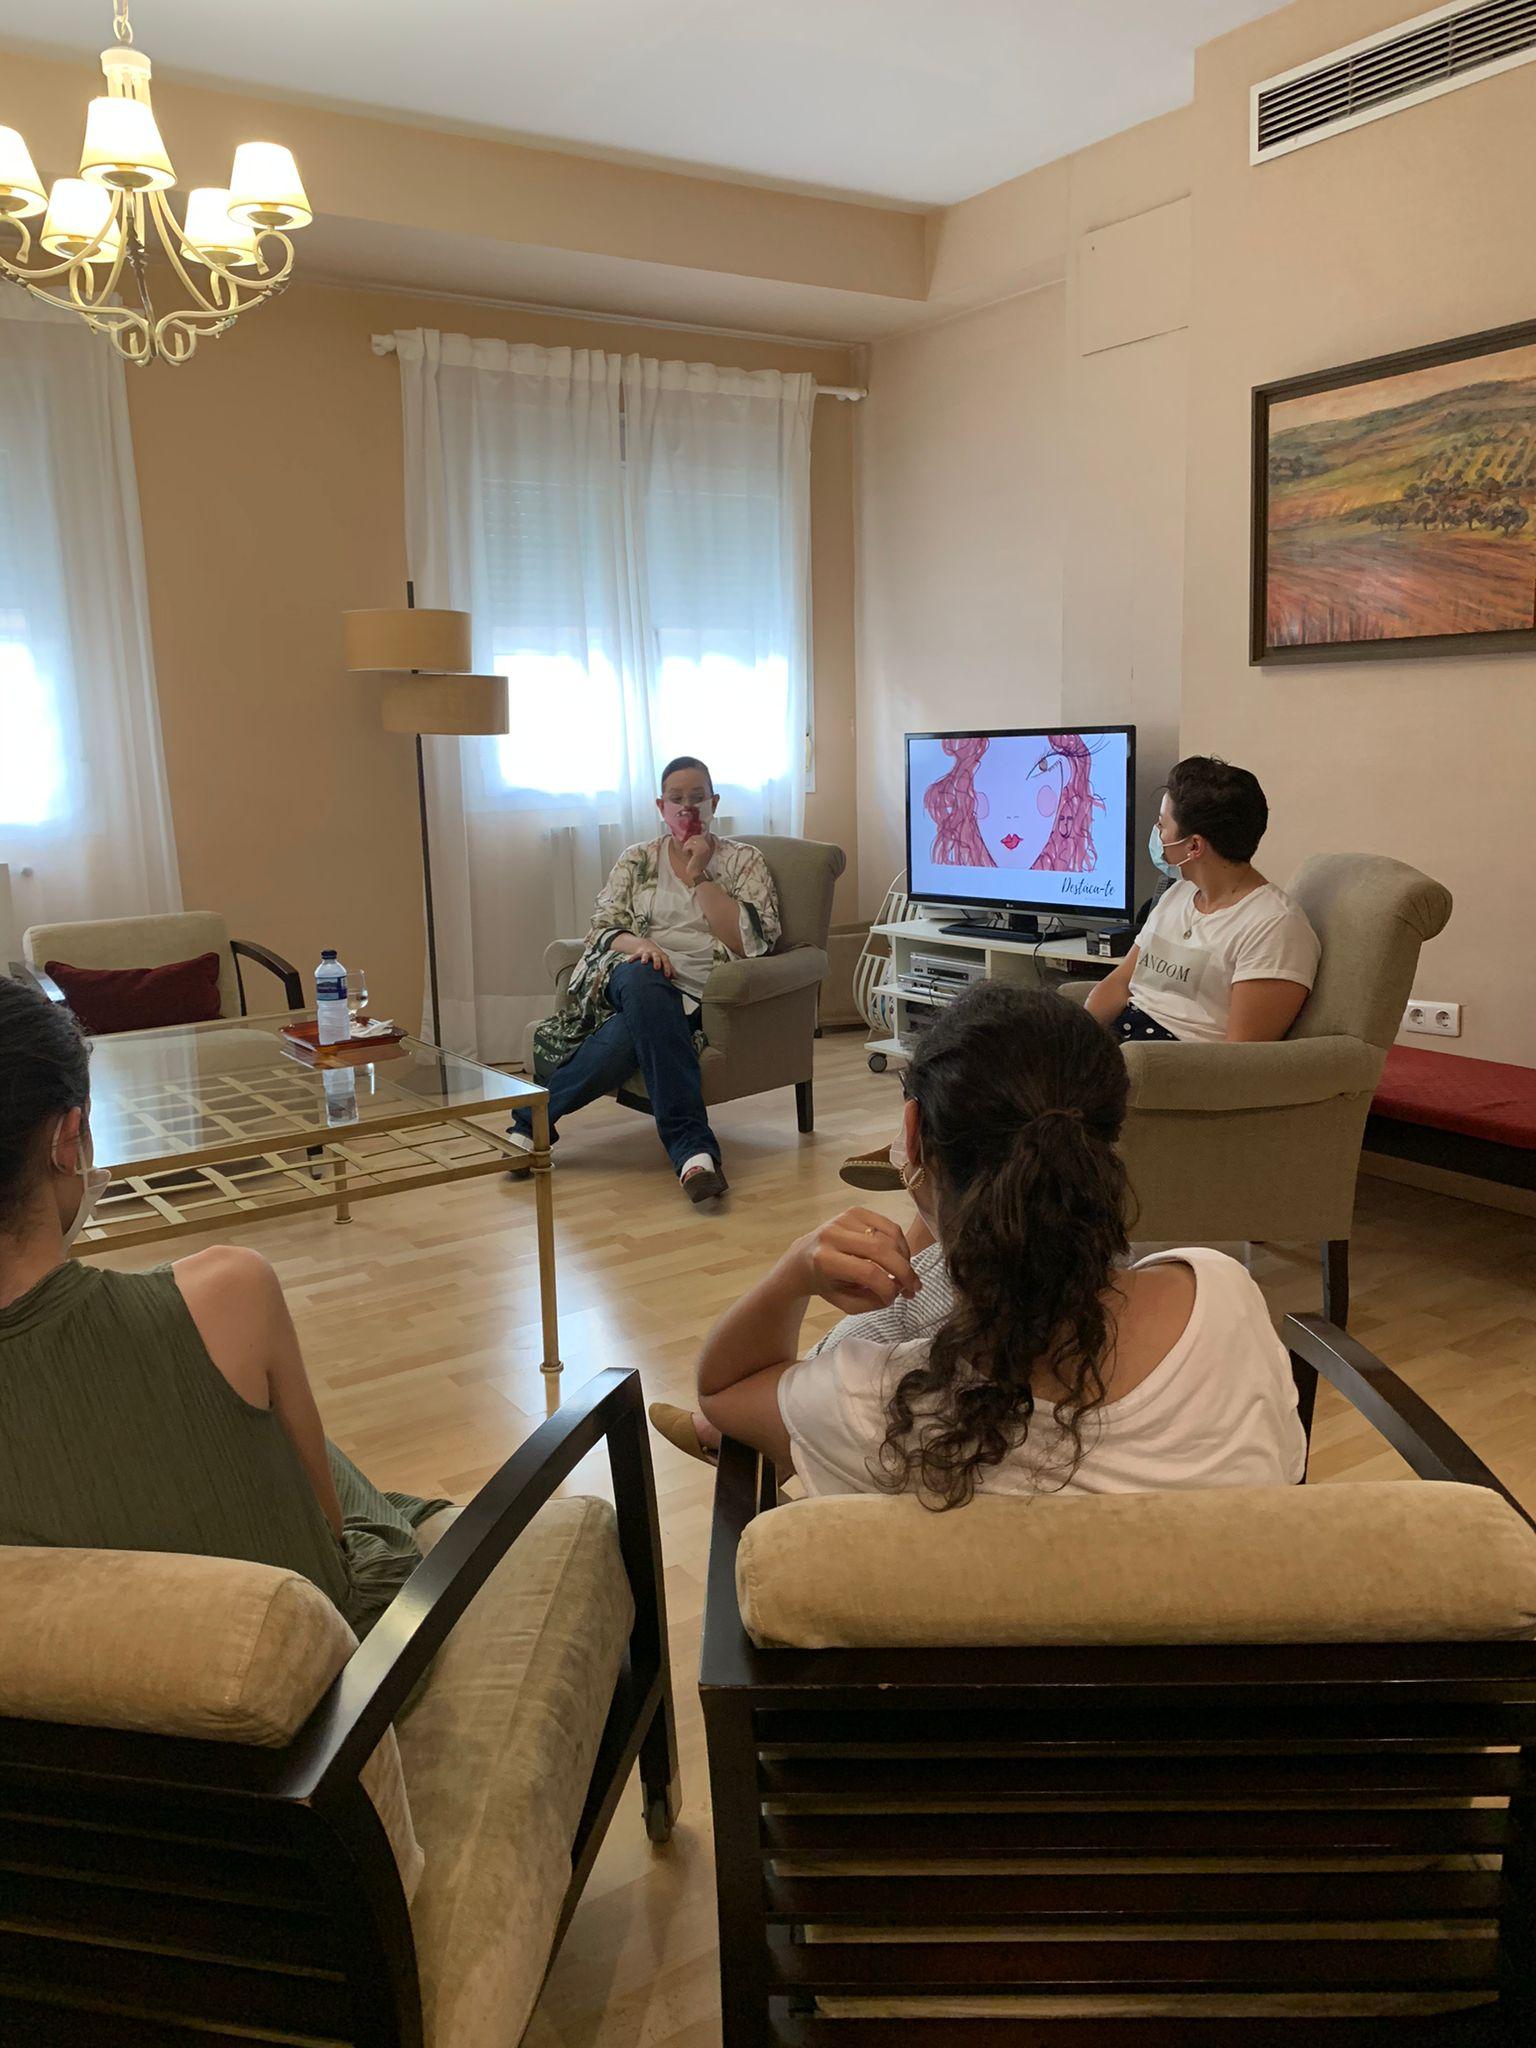 Paloma-Silla-Destaca-te-imagen-Sevilla-consultoria-marca-personal